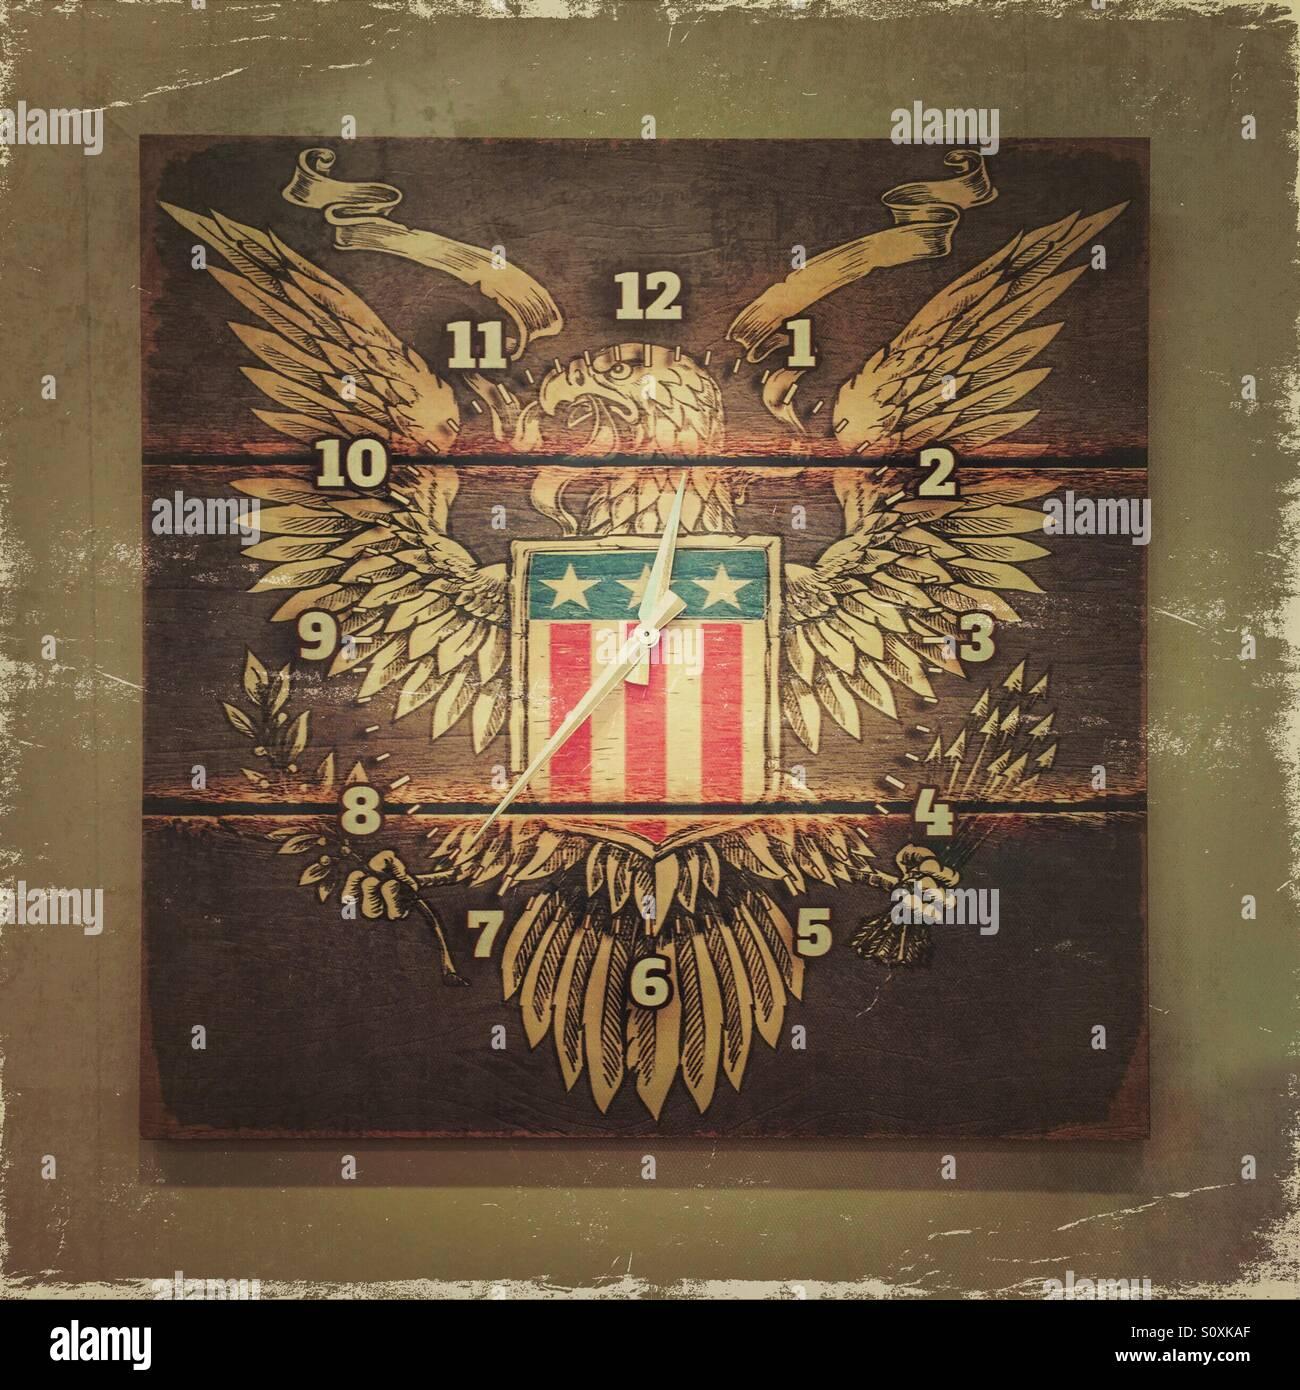 American Eagle su di una piazza orologio da parete Immagini Stock